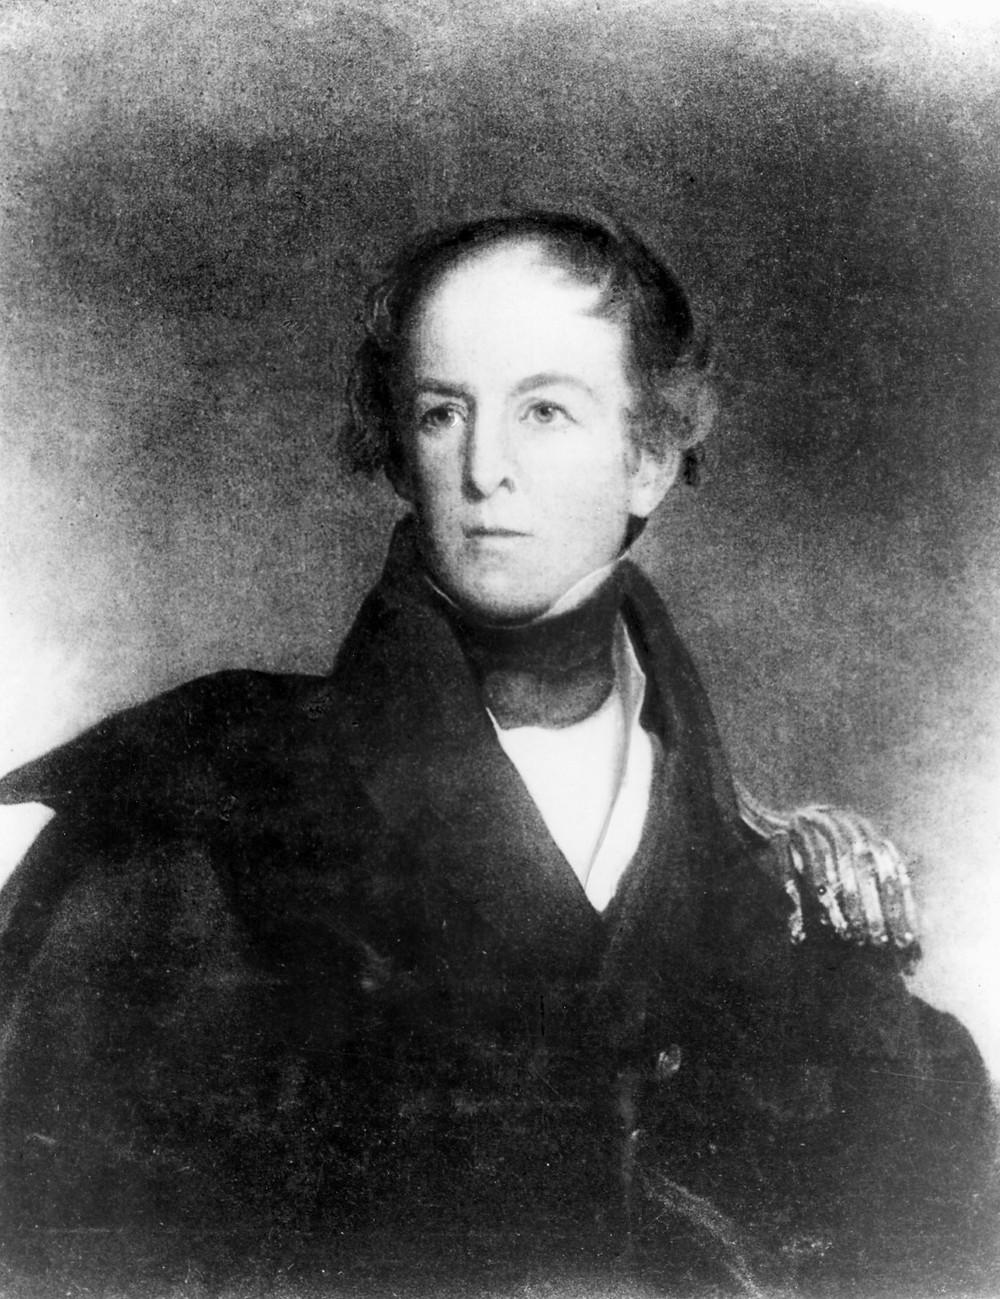 Captain James Biddle